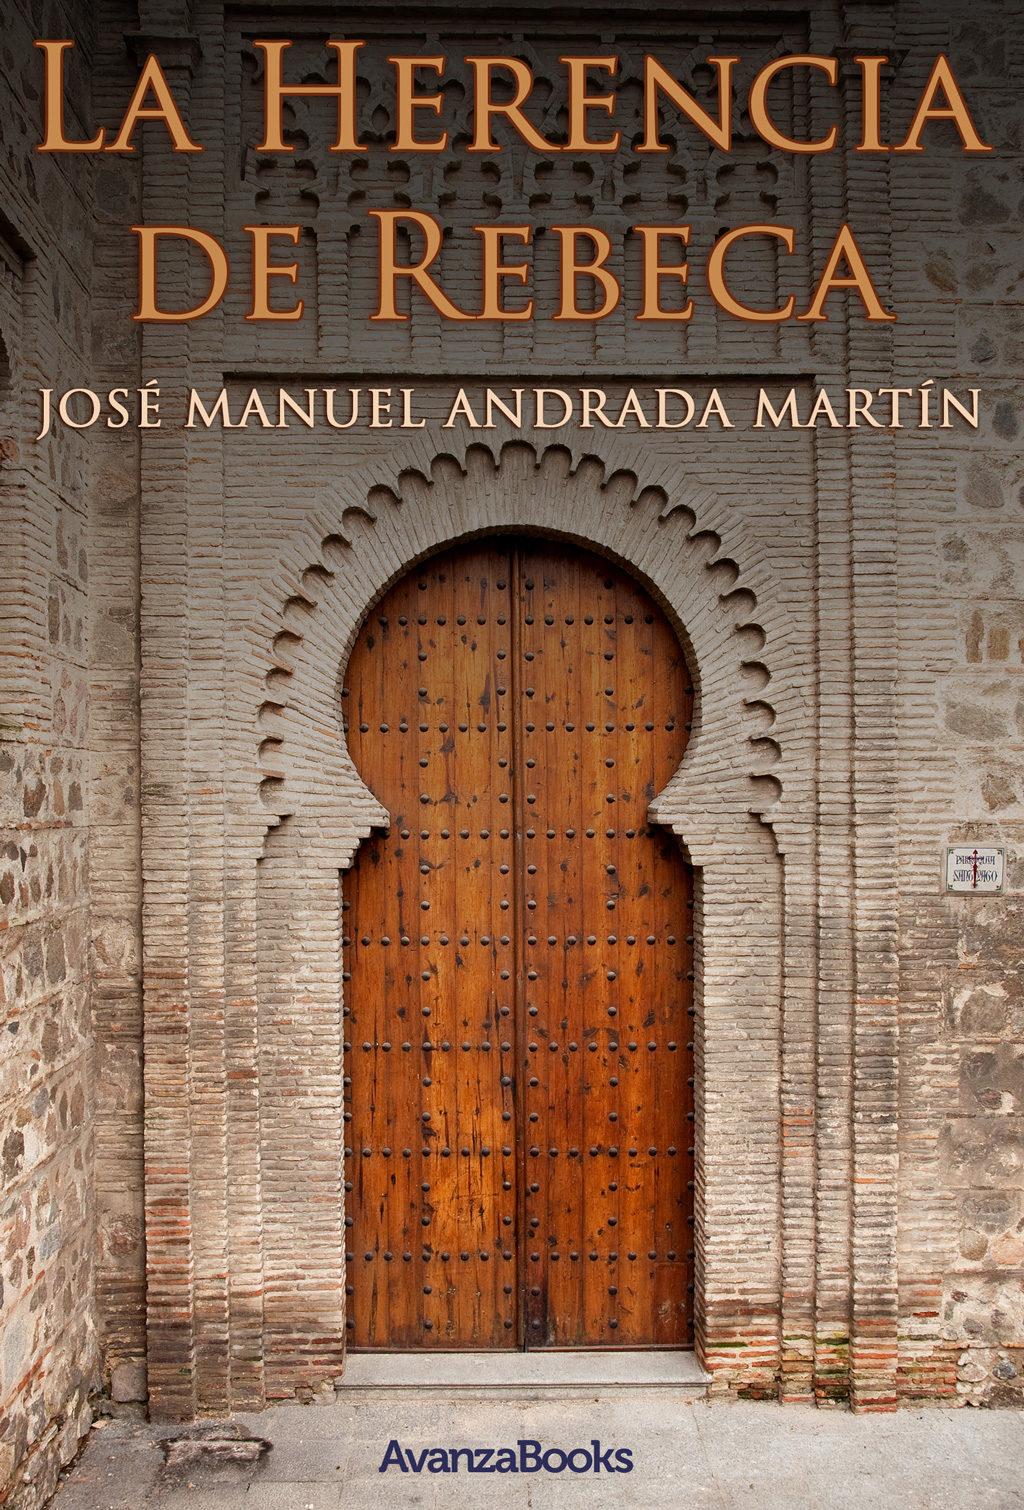 la herencia de rebeca ebookjos manuel andrada martn